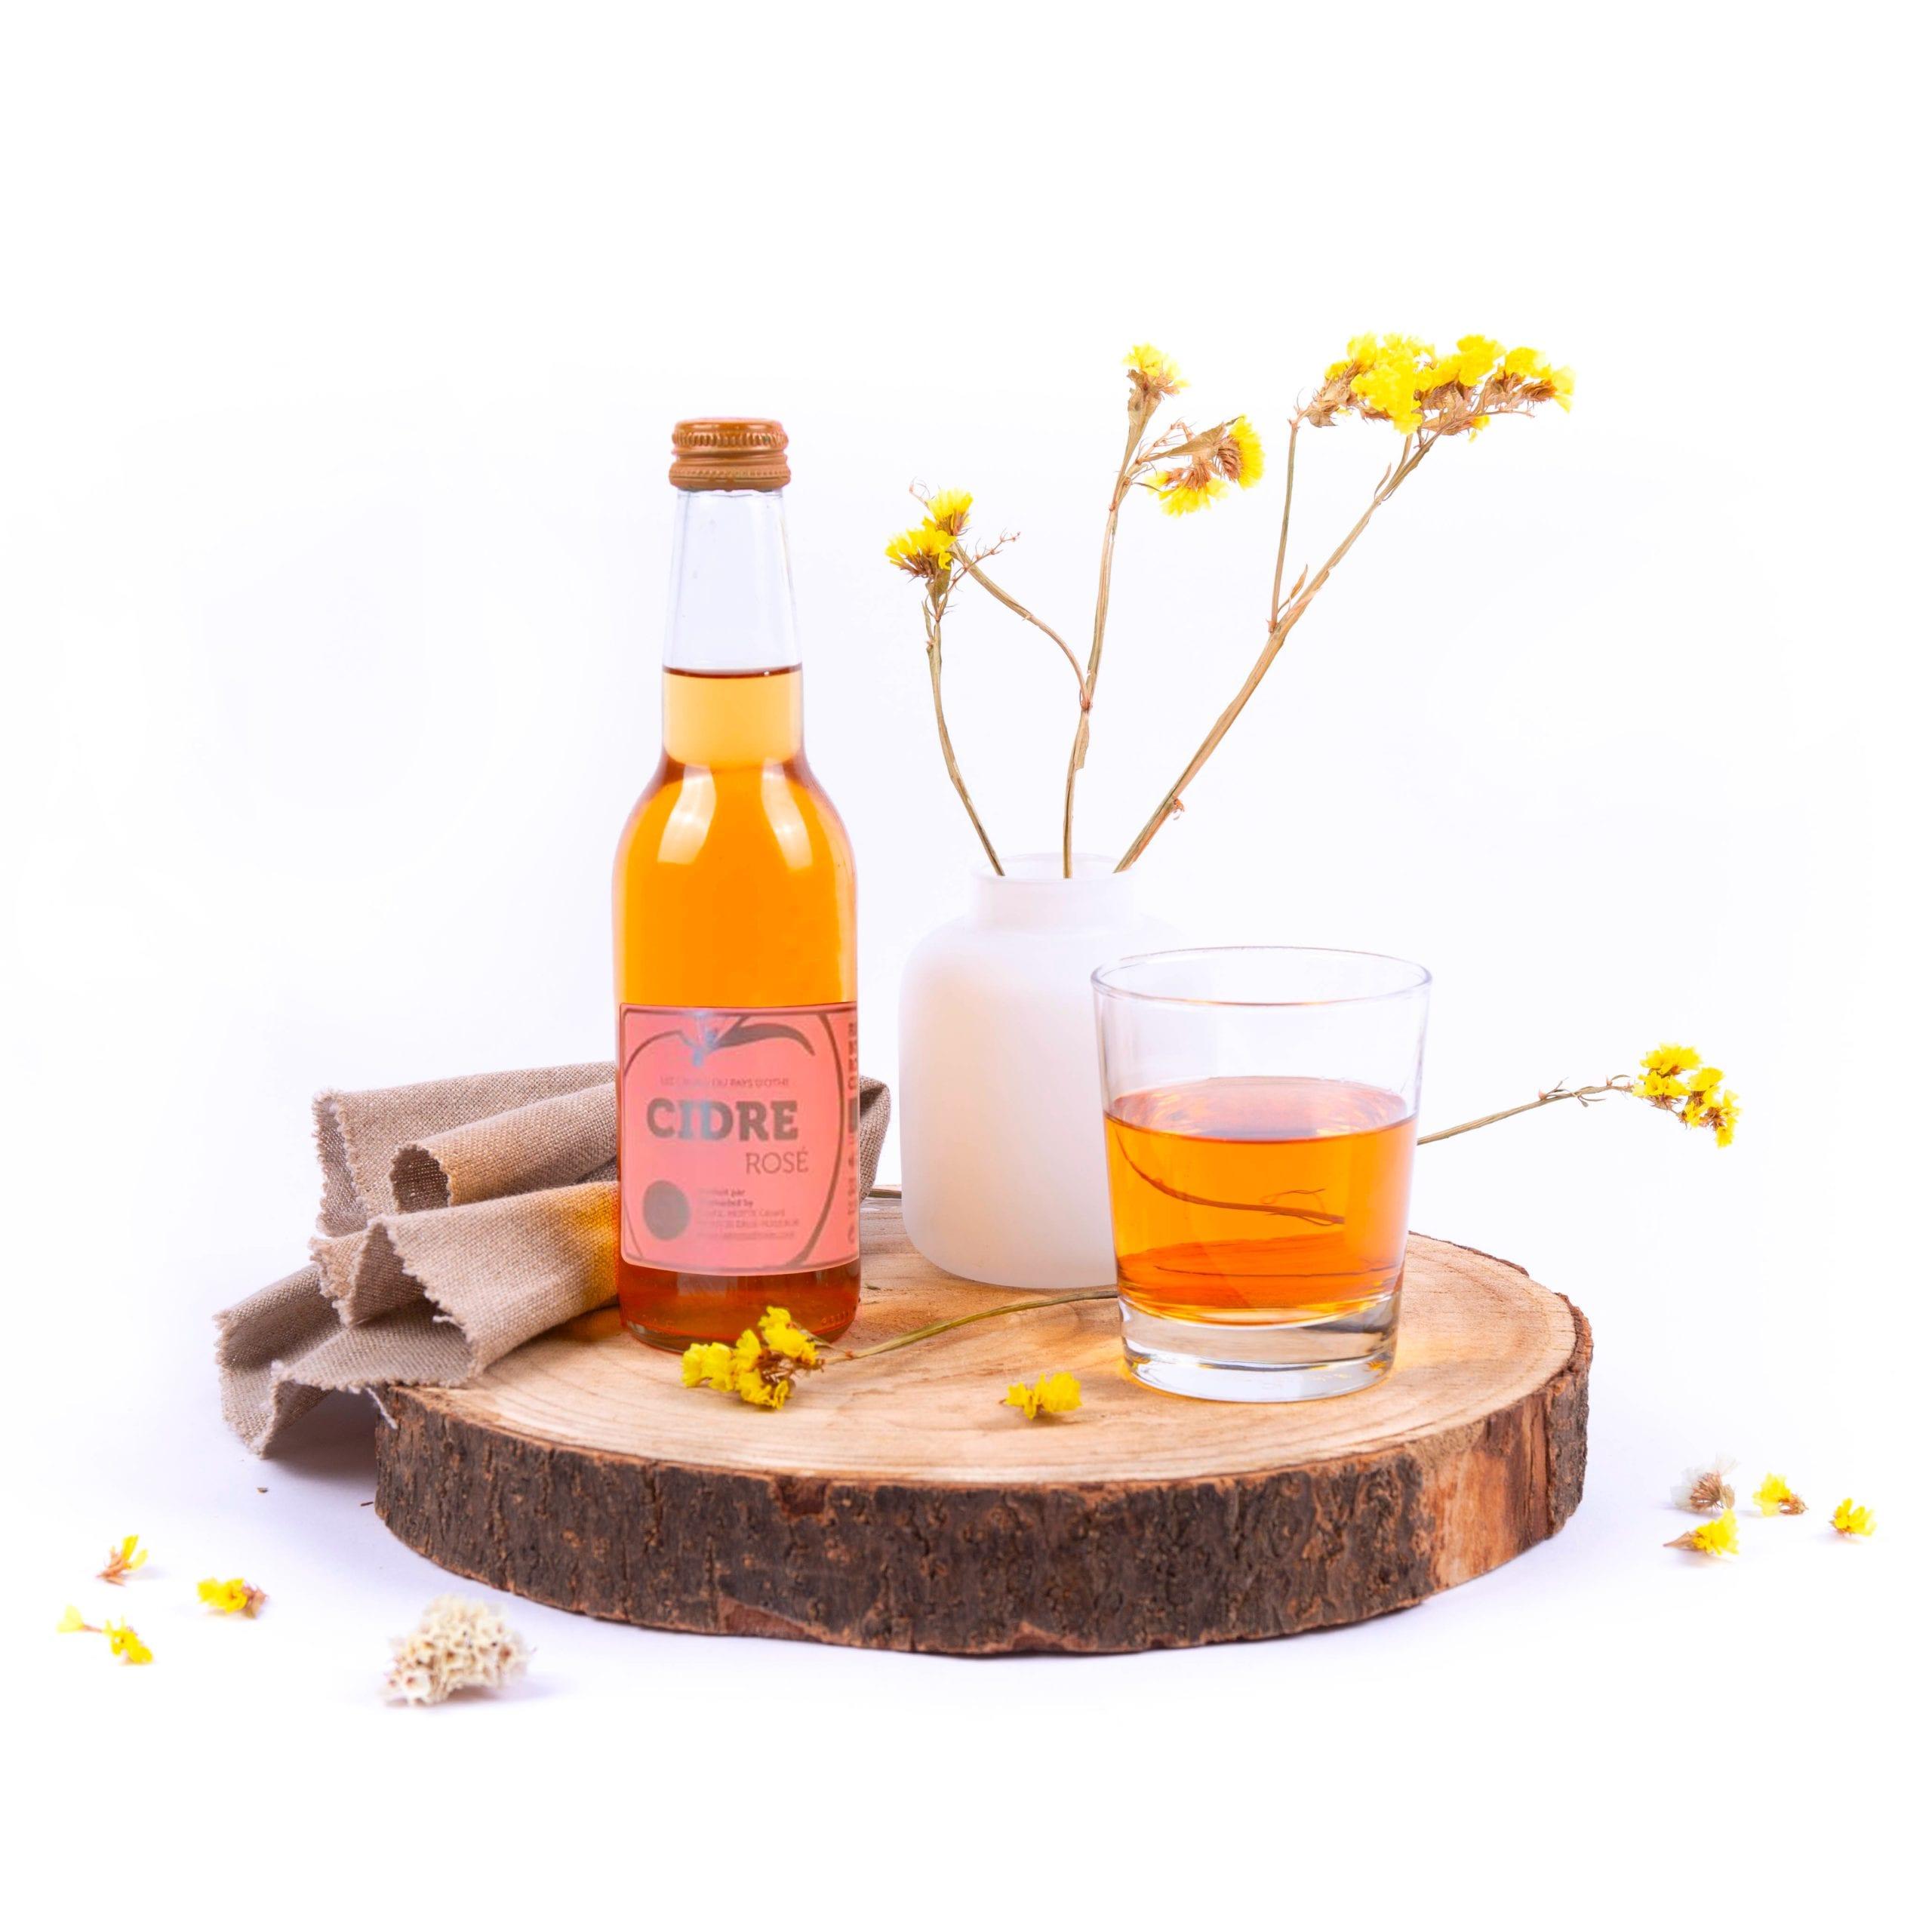 La Ferme d'Hotte, cidre doux de la région champagne, 33cl